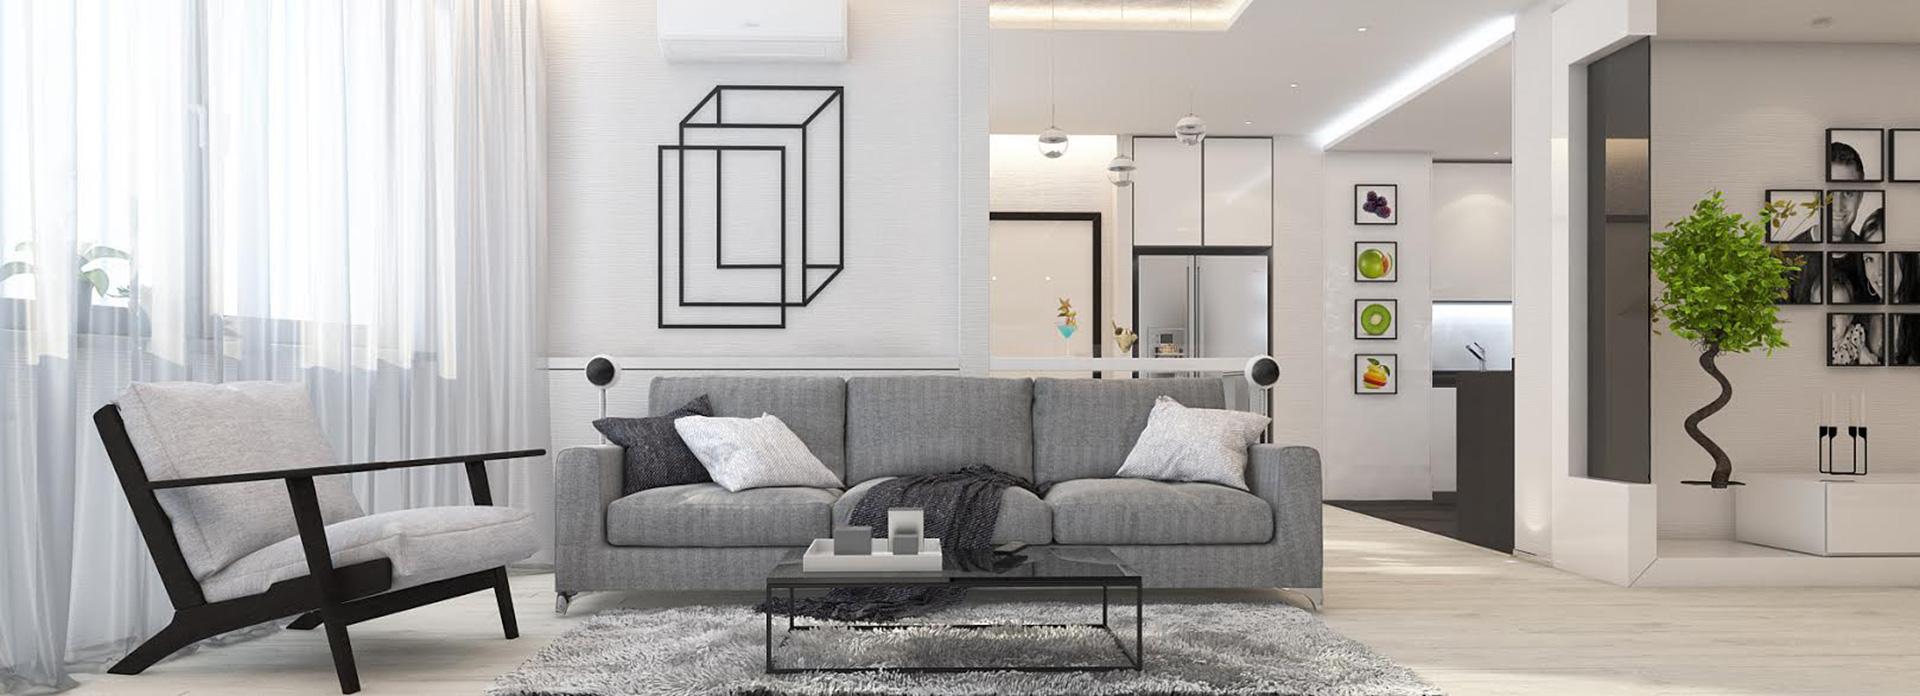 Картинки по запросу фото дизайн интерьера